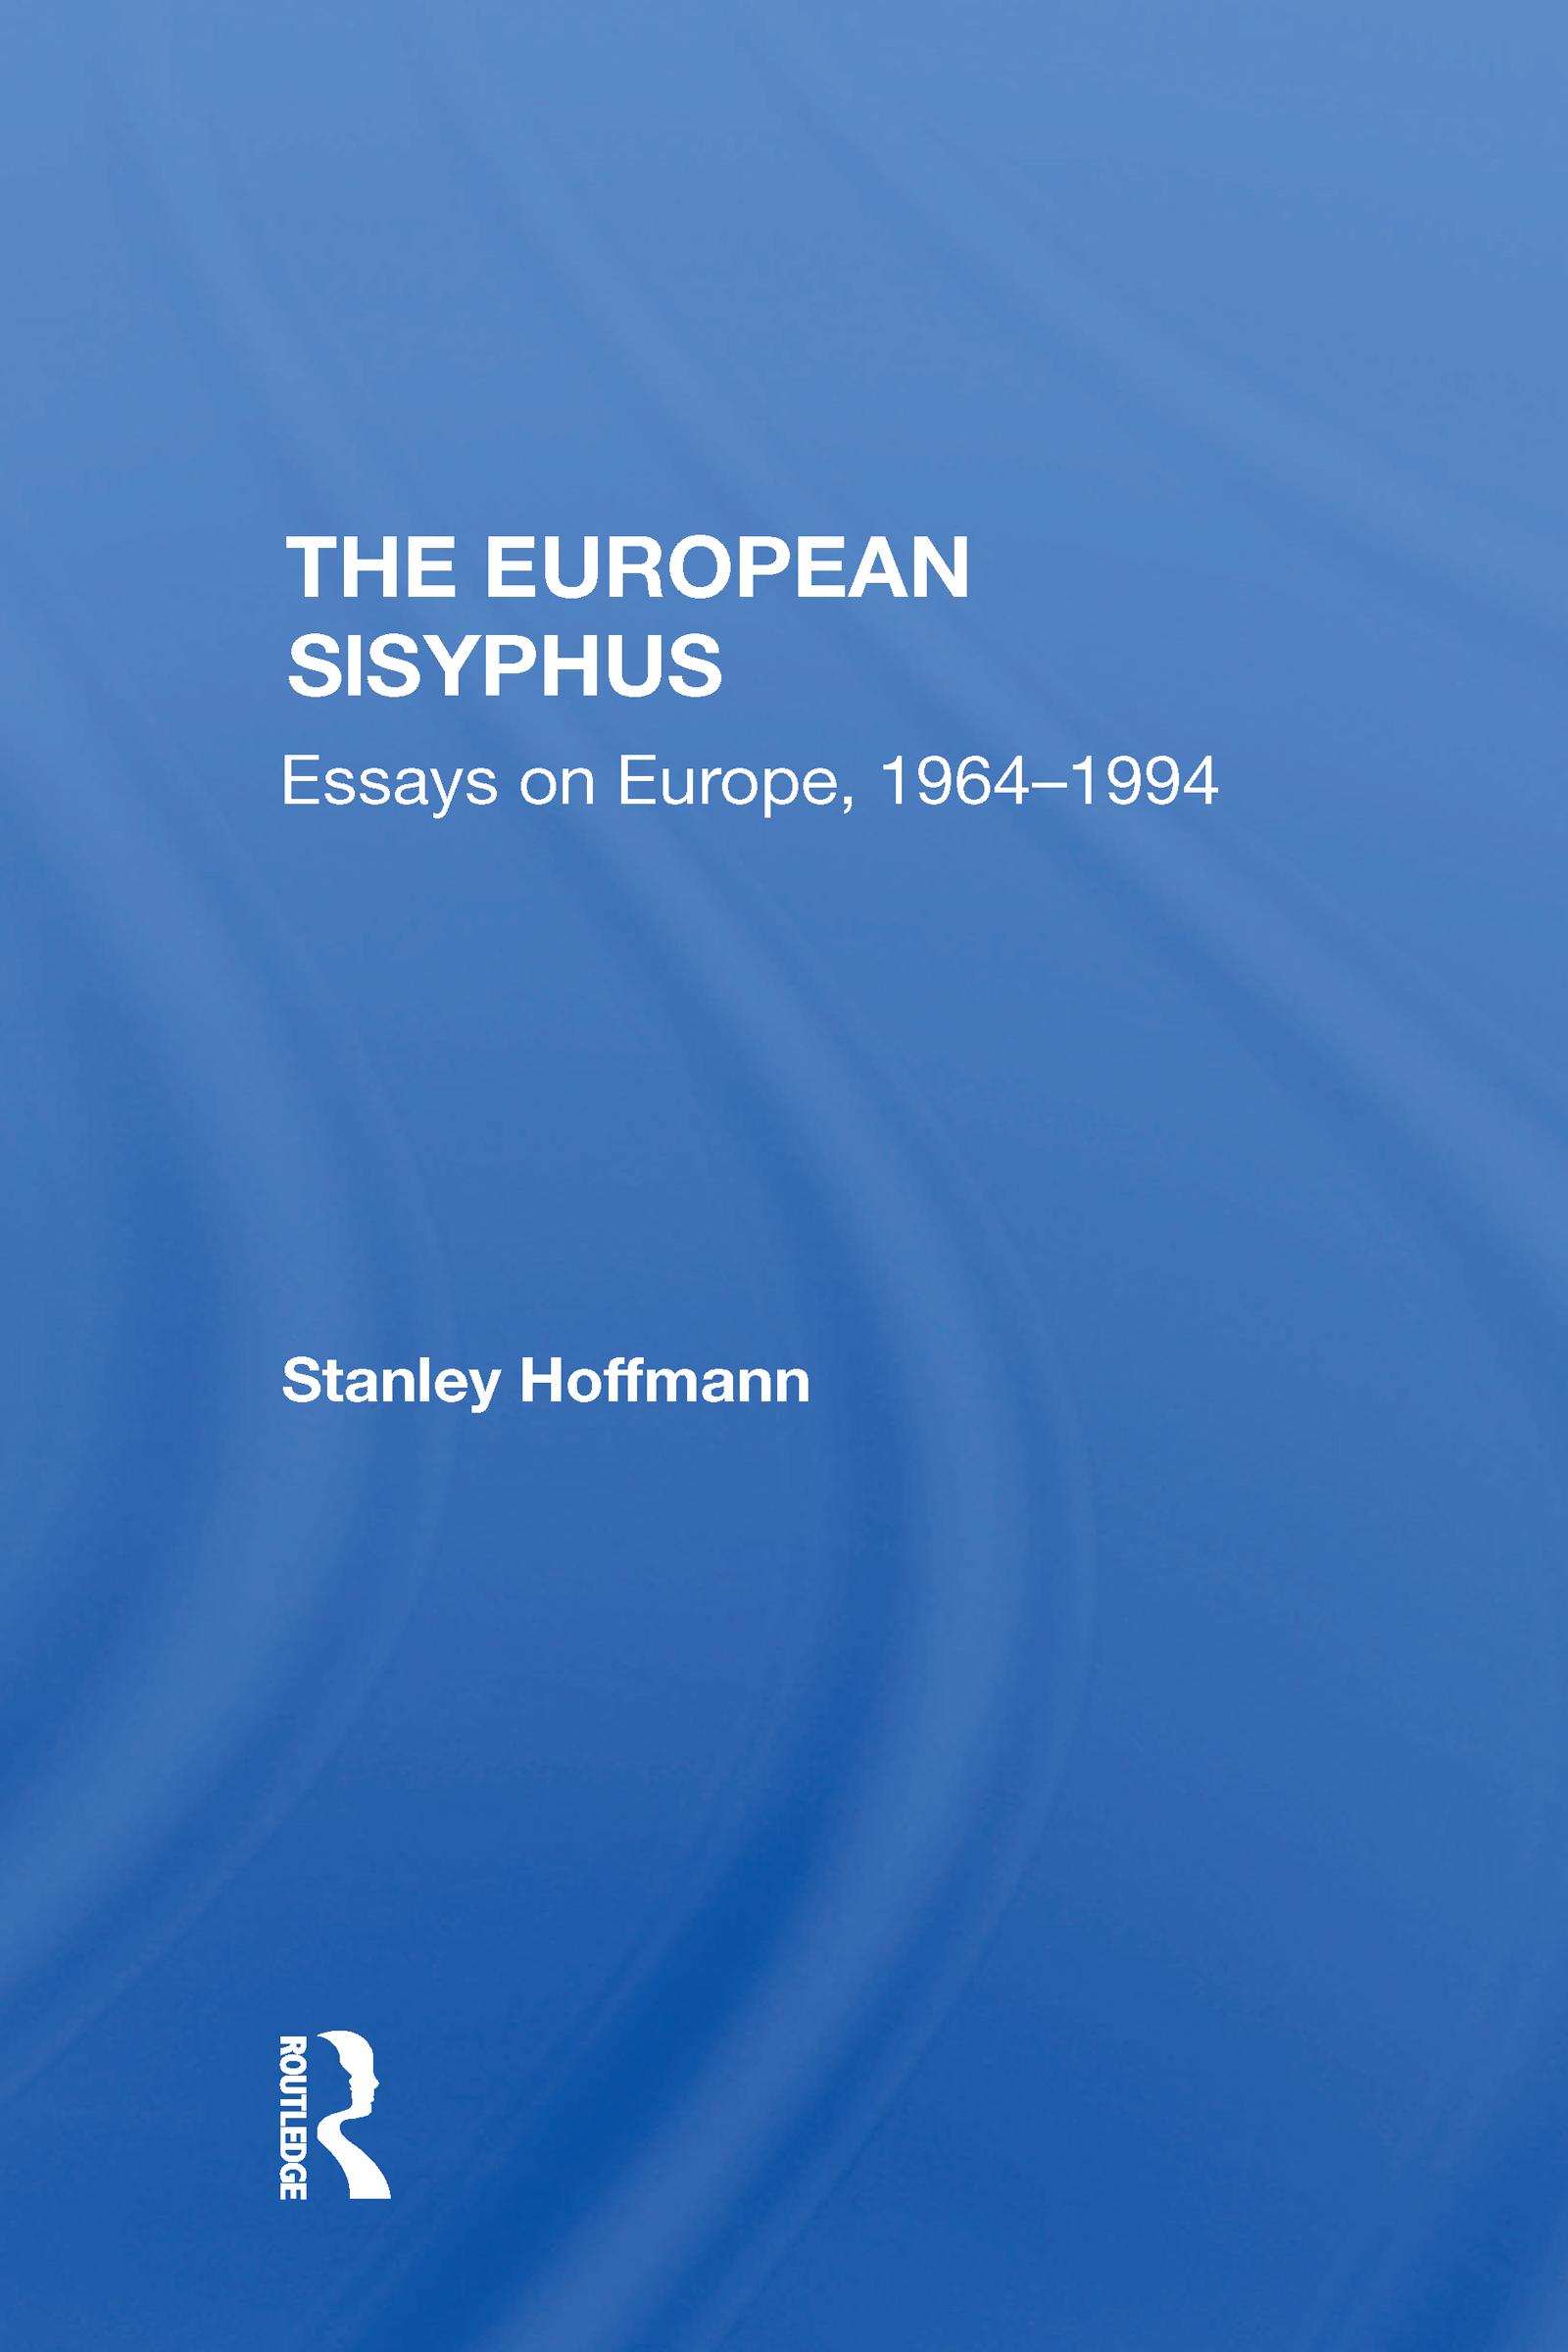 The European Sisyphus